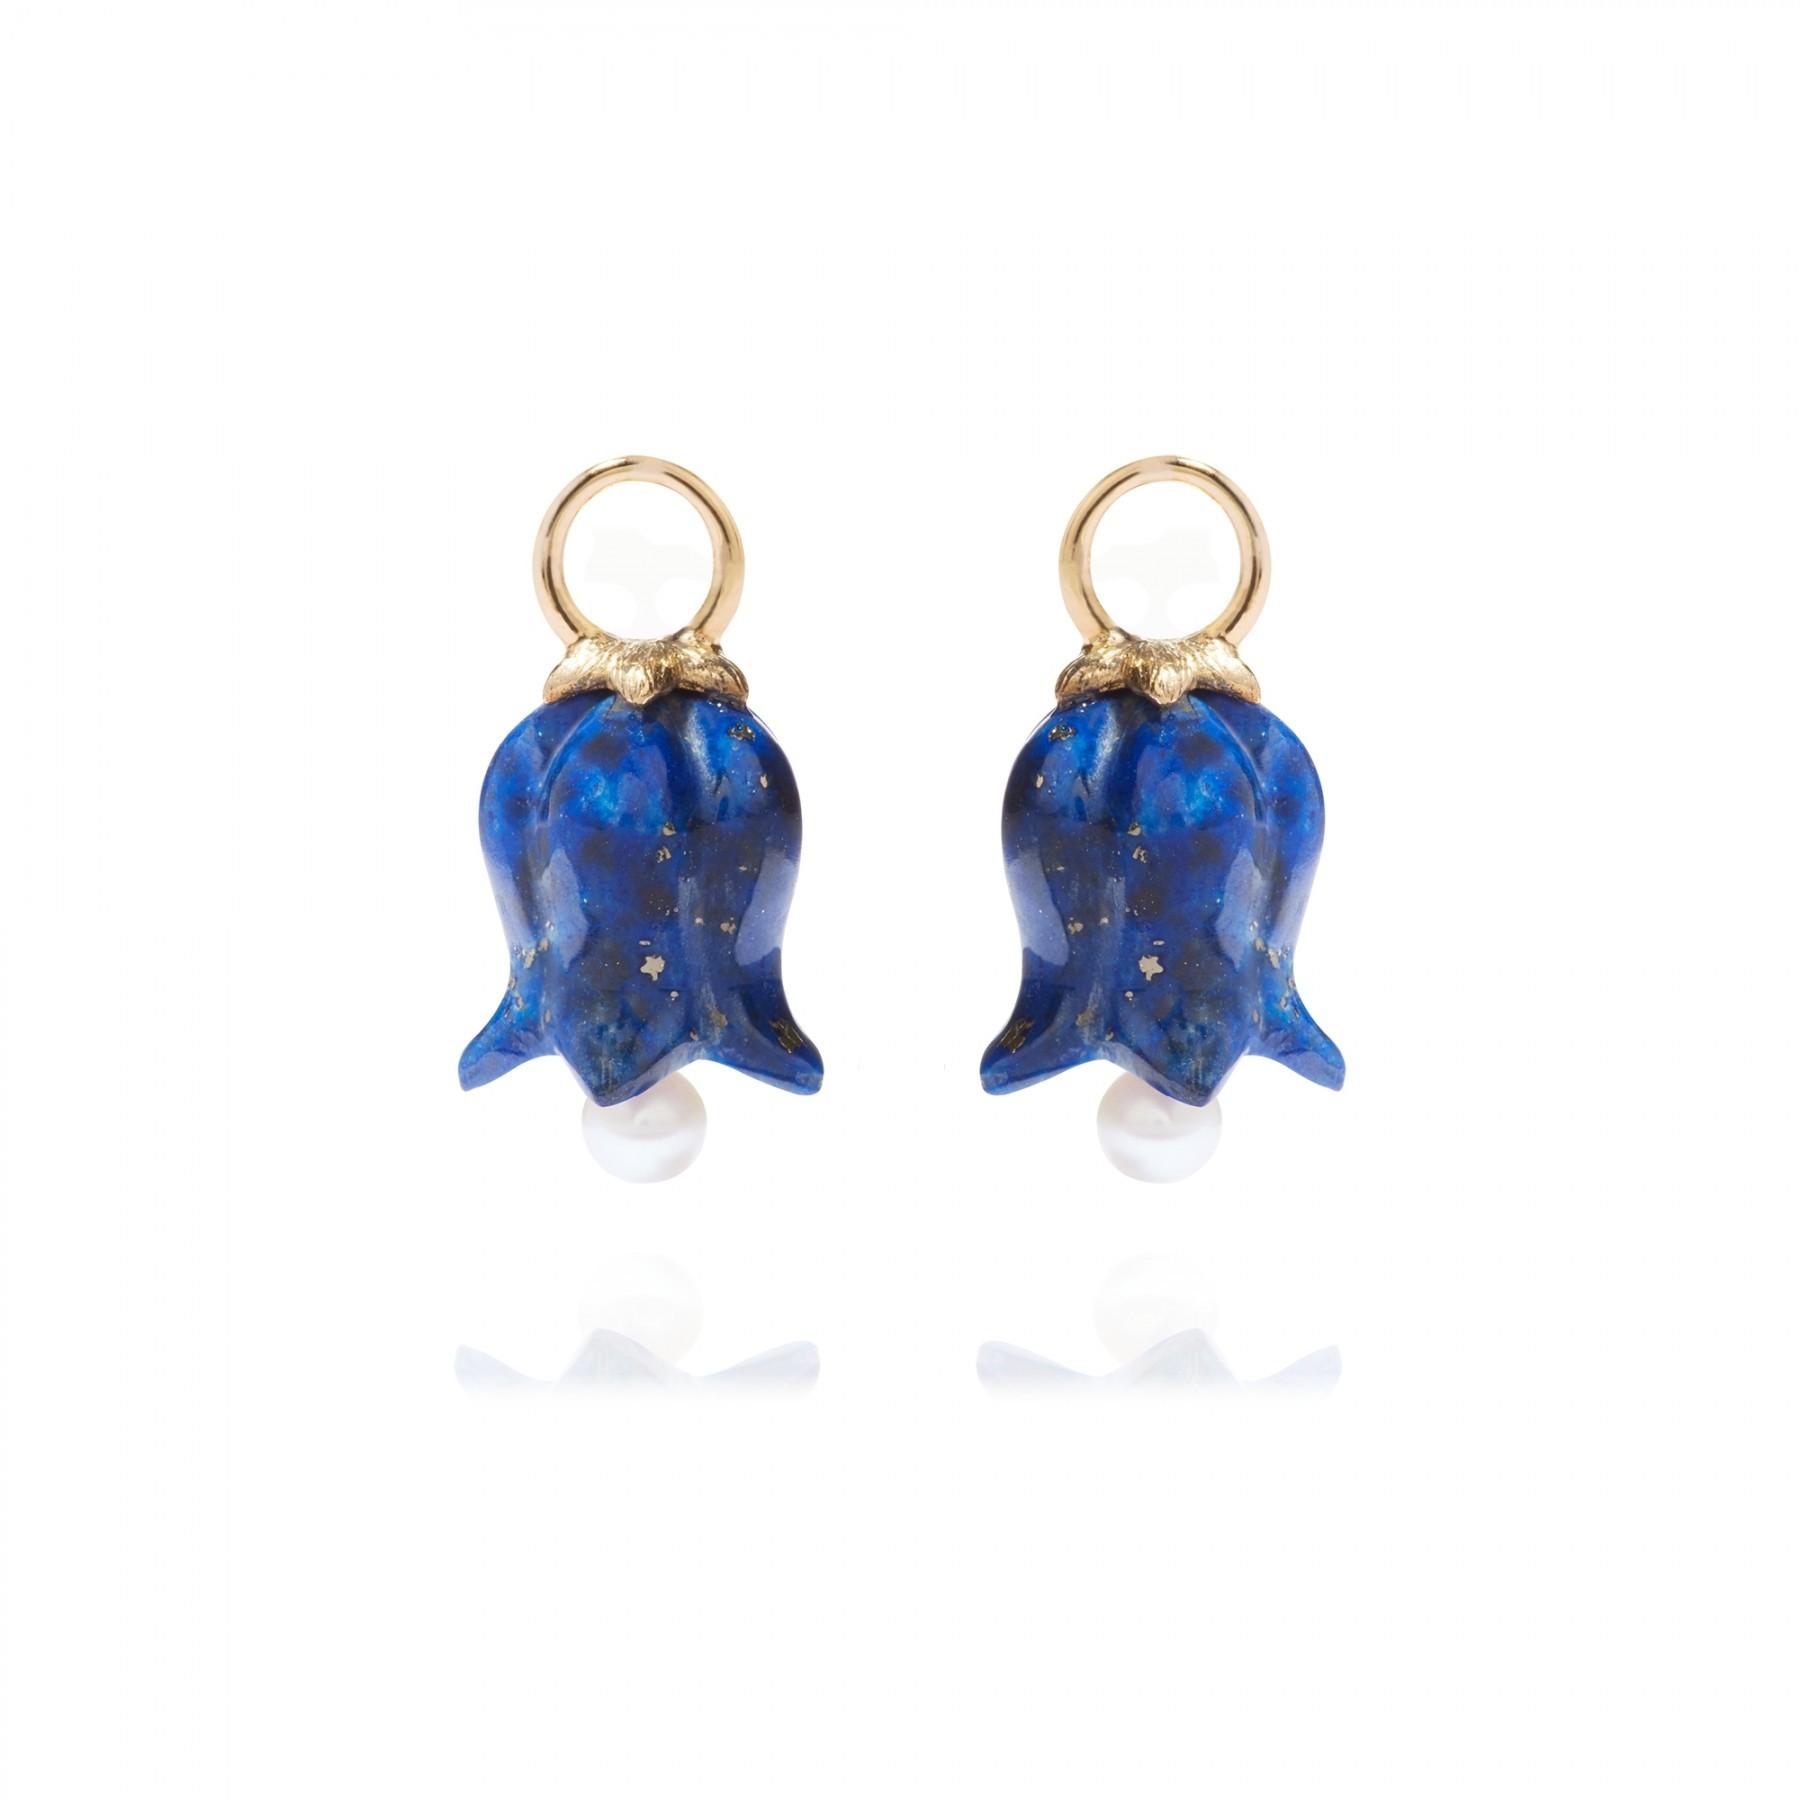 ANNOUSHKA Lapis Lazuli Tulip Earring Drops